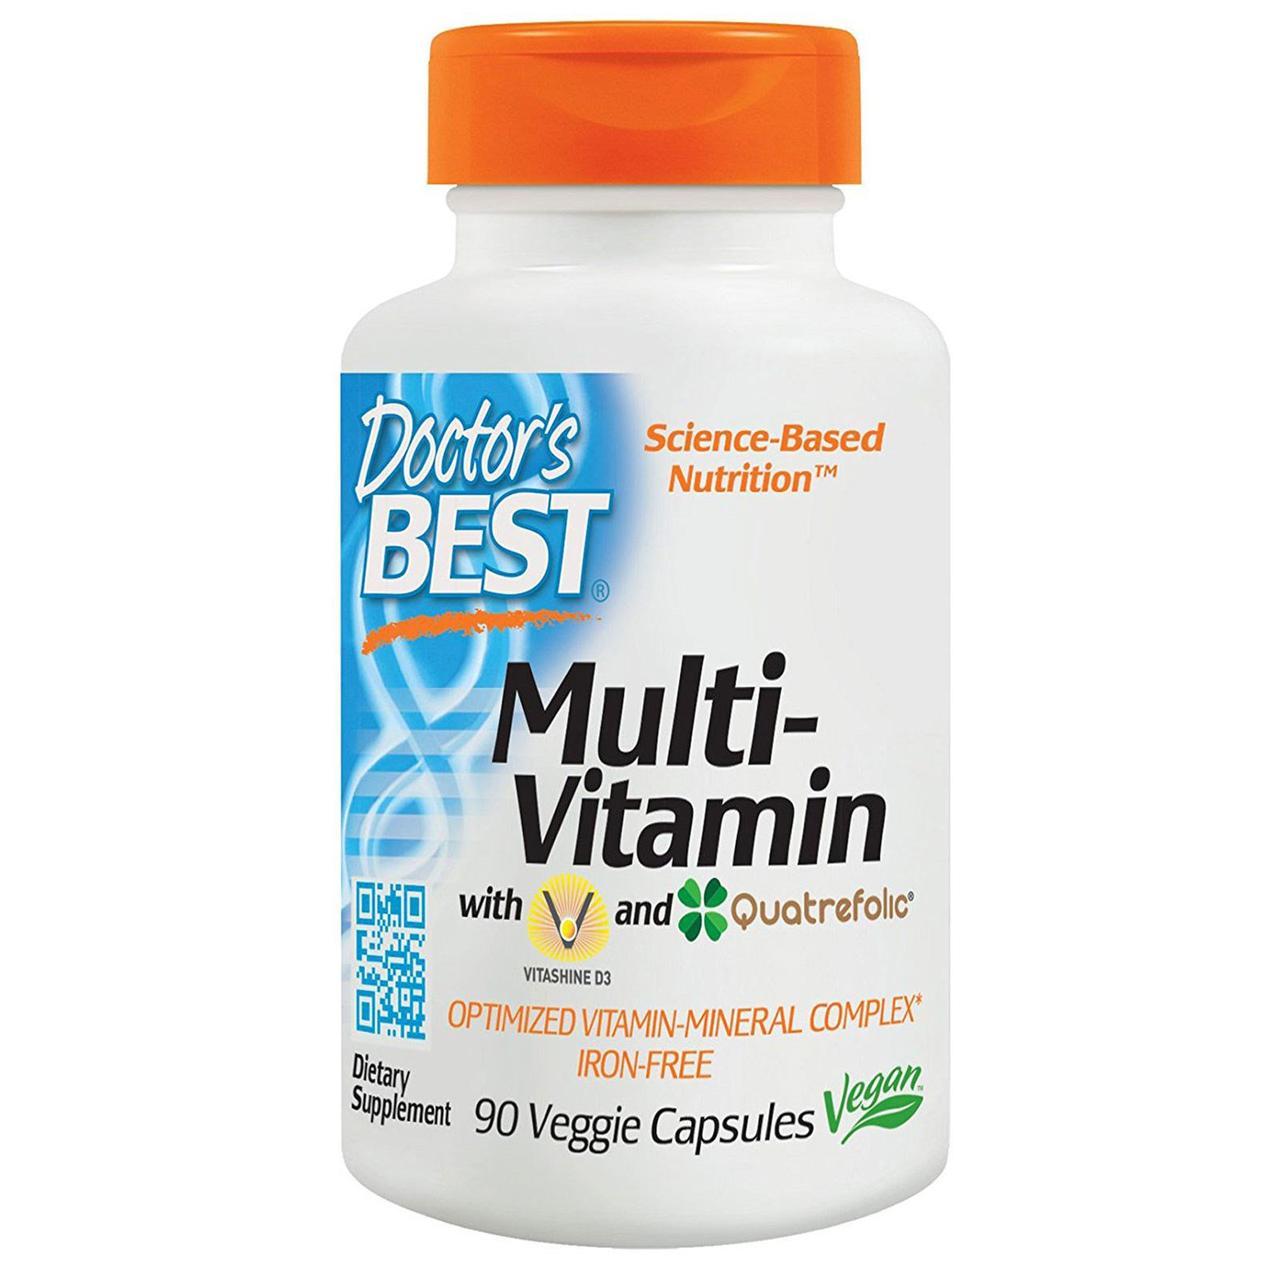 Мультивітаміни без Заліза, Quatrefolic, Doctor's s Best, 90 гельових капсул